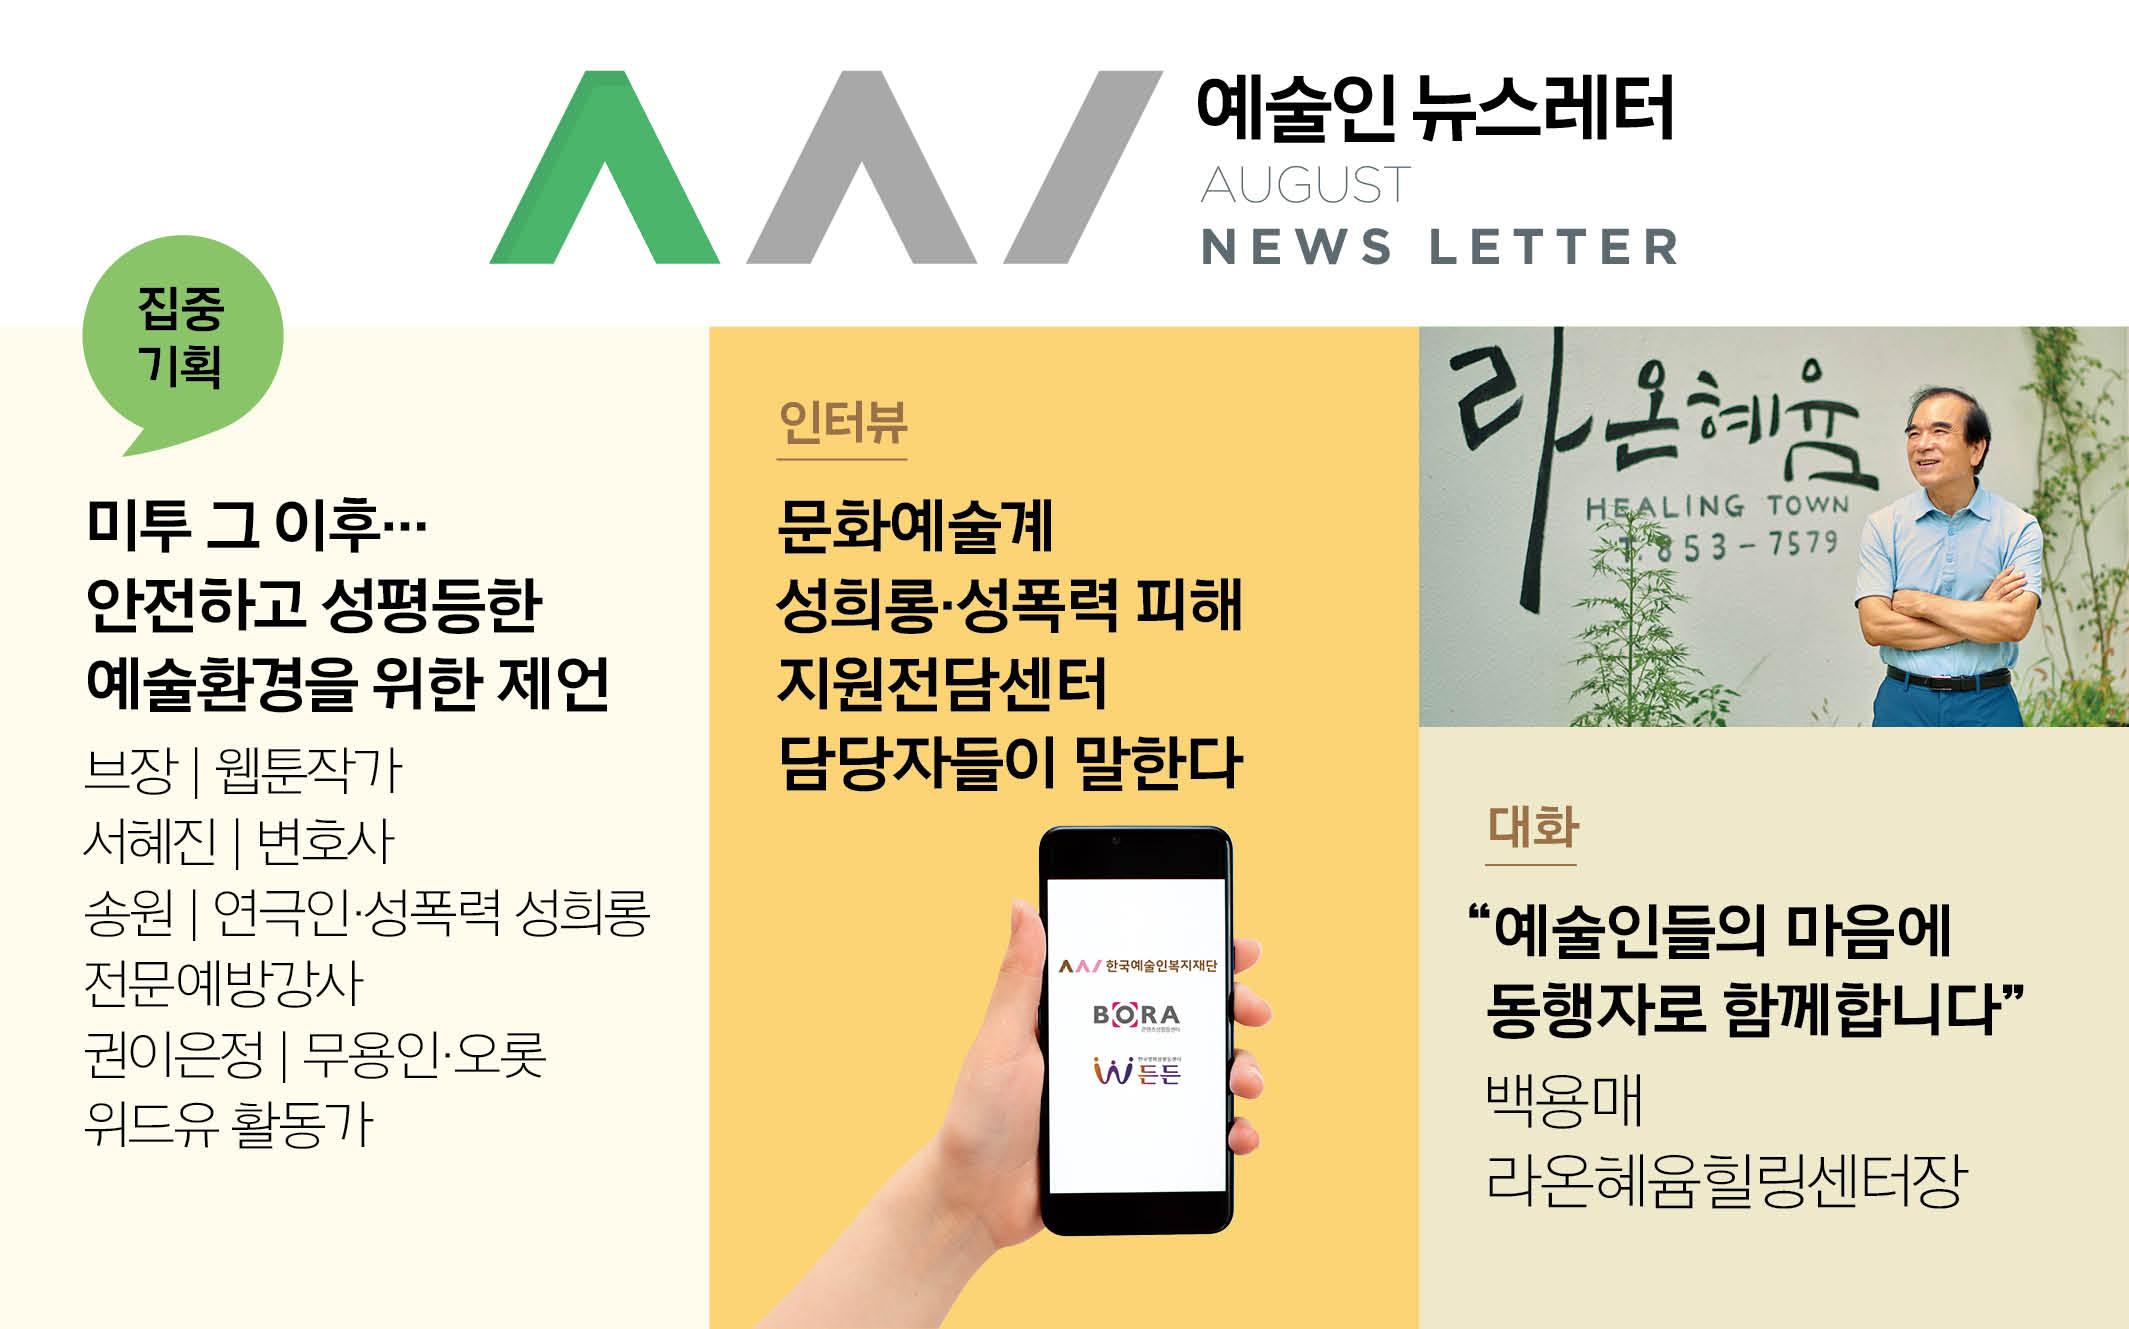 예술인 뉴스레터 2021년 8월호